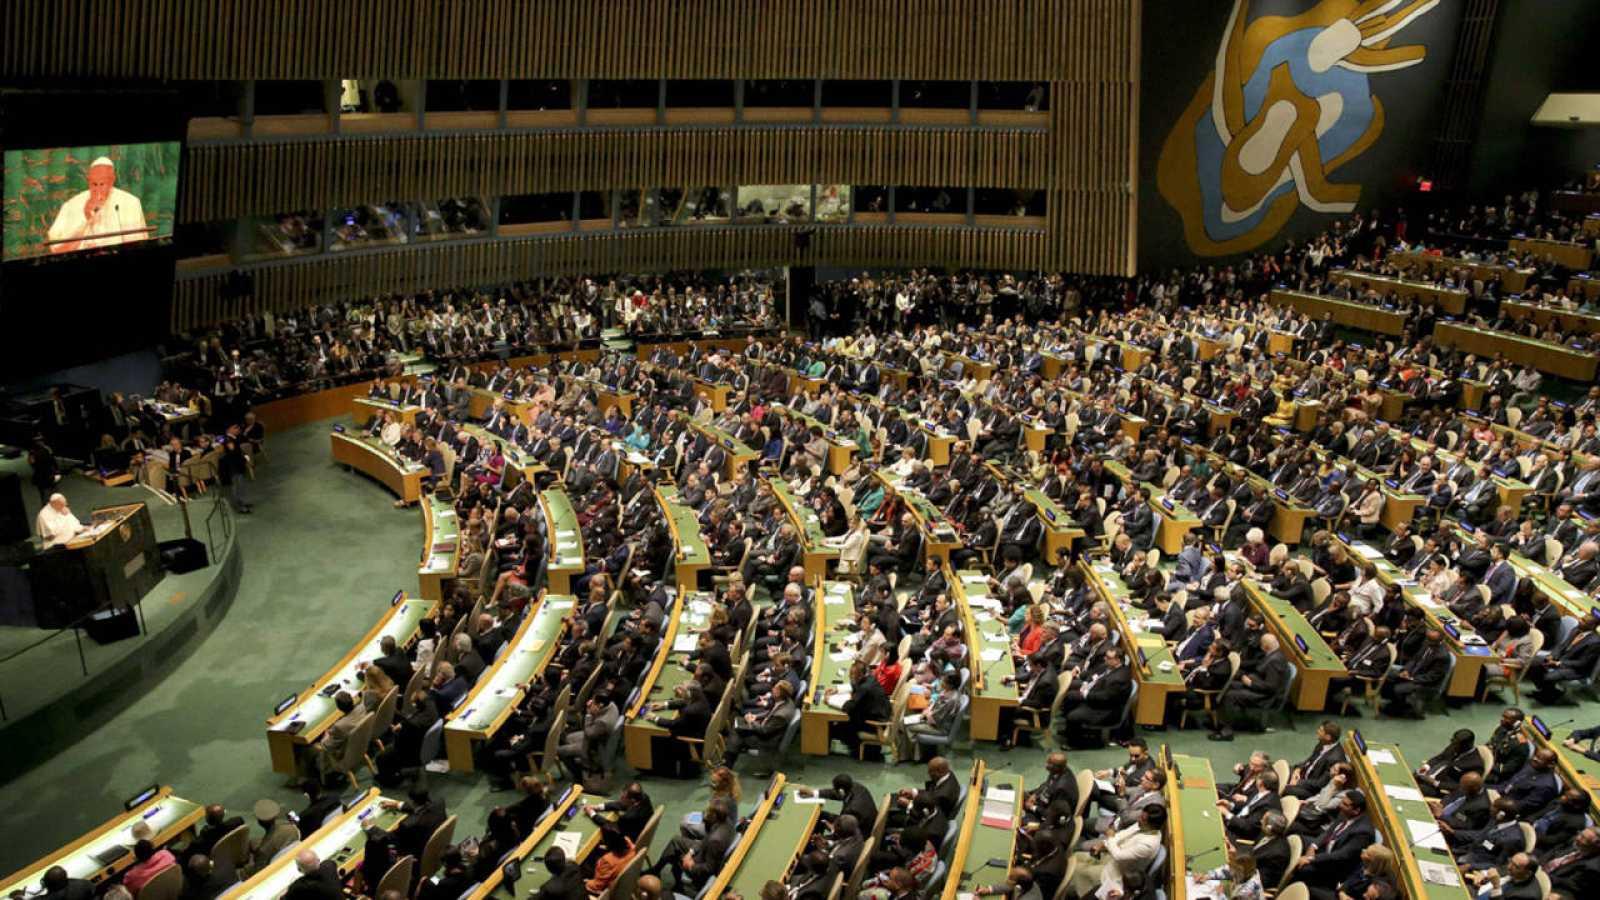 El papa Francisco durante su intervención en la Asamblea General de la ONU, en el preludio de la Cumbre Mundial sobre el Desarrollo Sostenible.